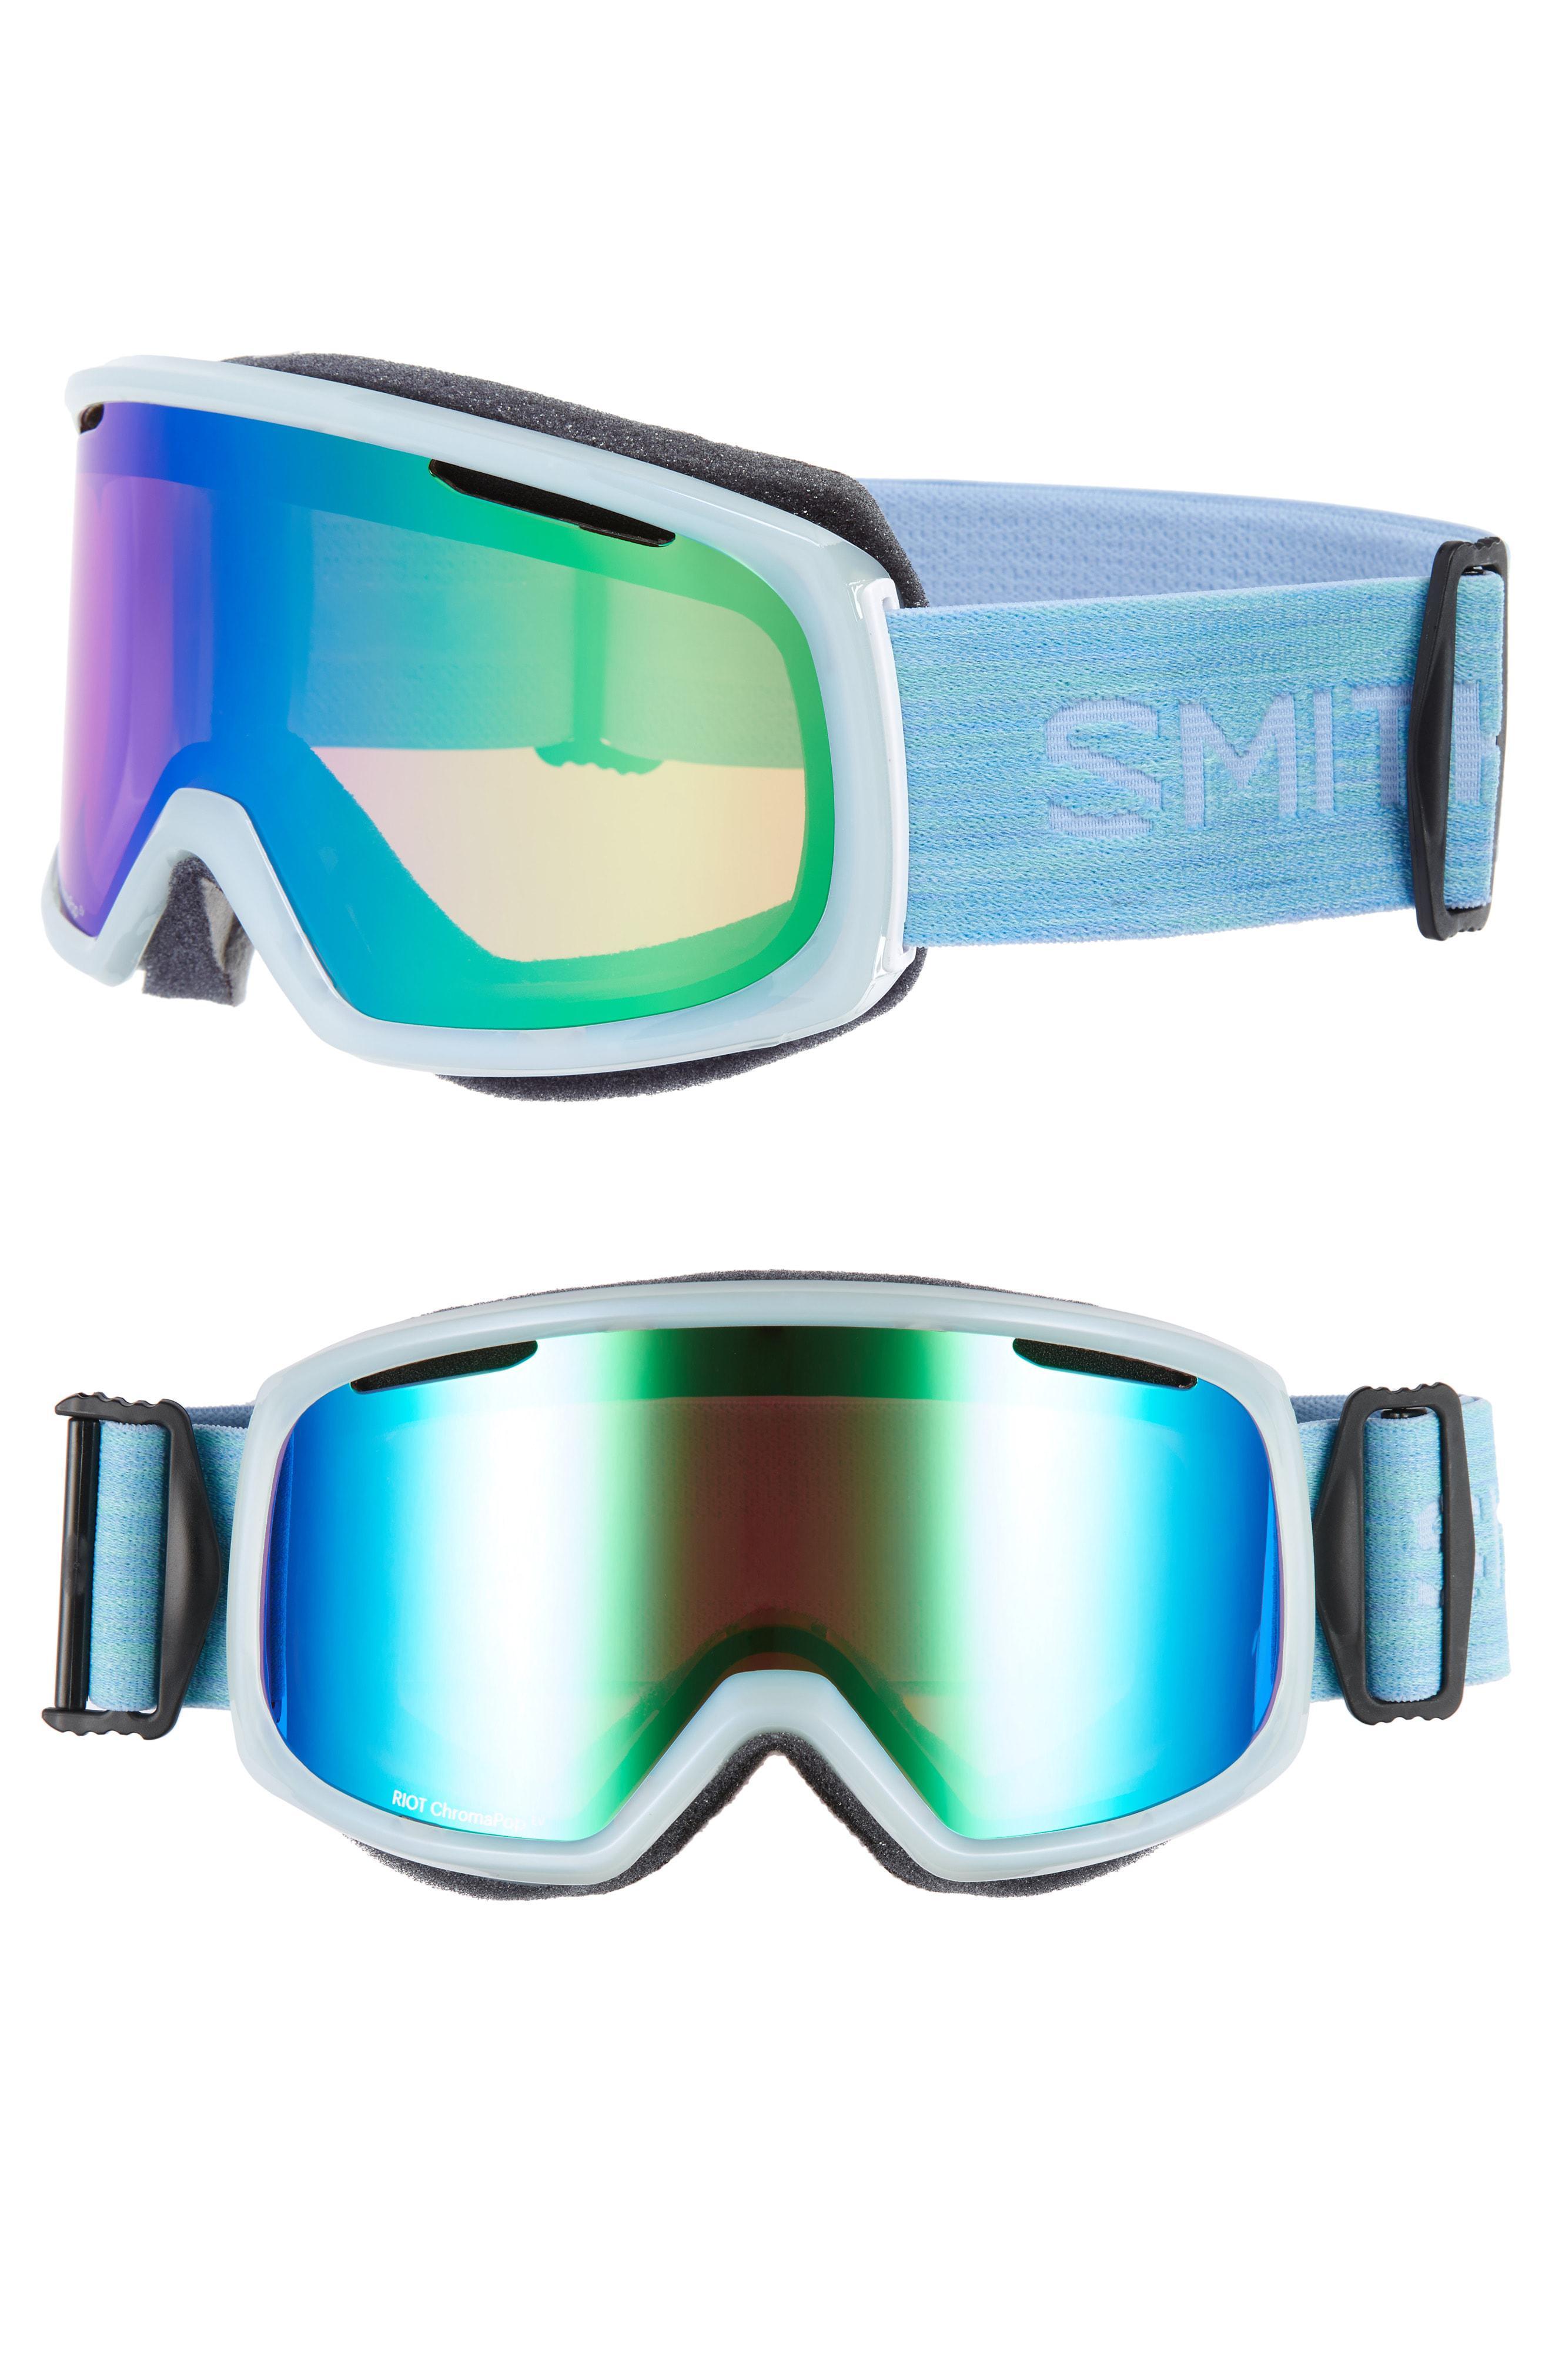 0a42222ddf Smith Riot Chromapop 180mm Snow ski Goggles - Opaline Odyssey in ...